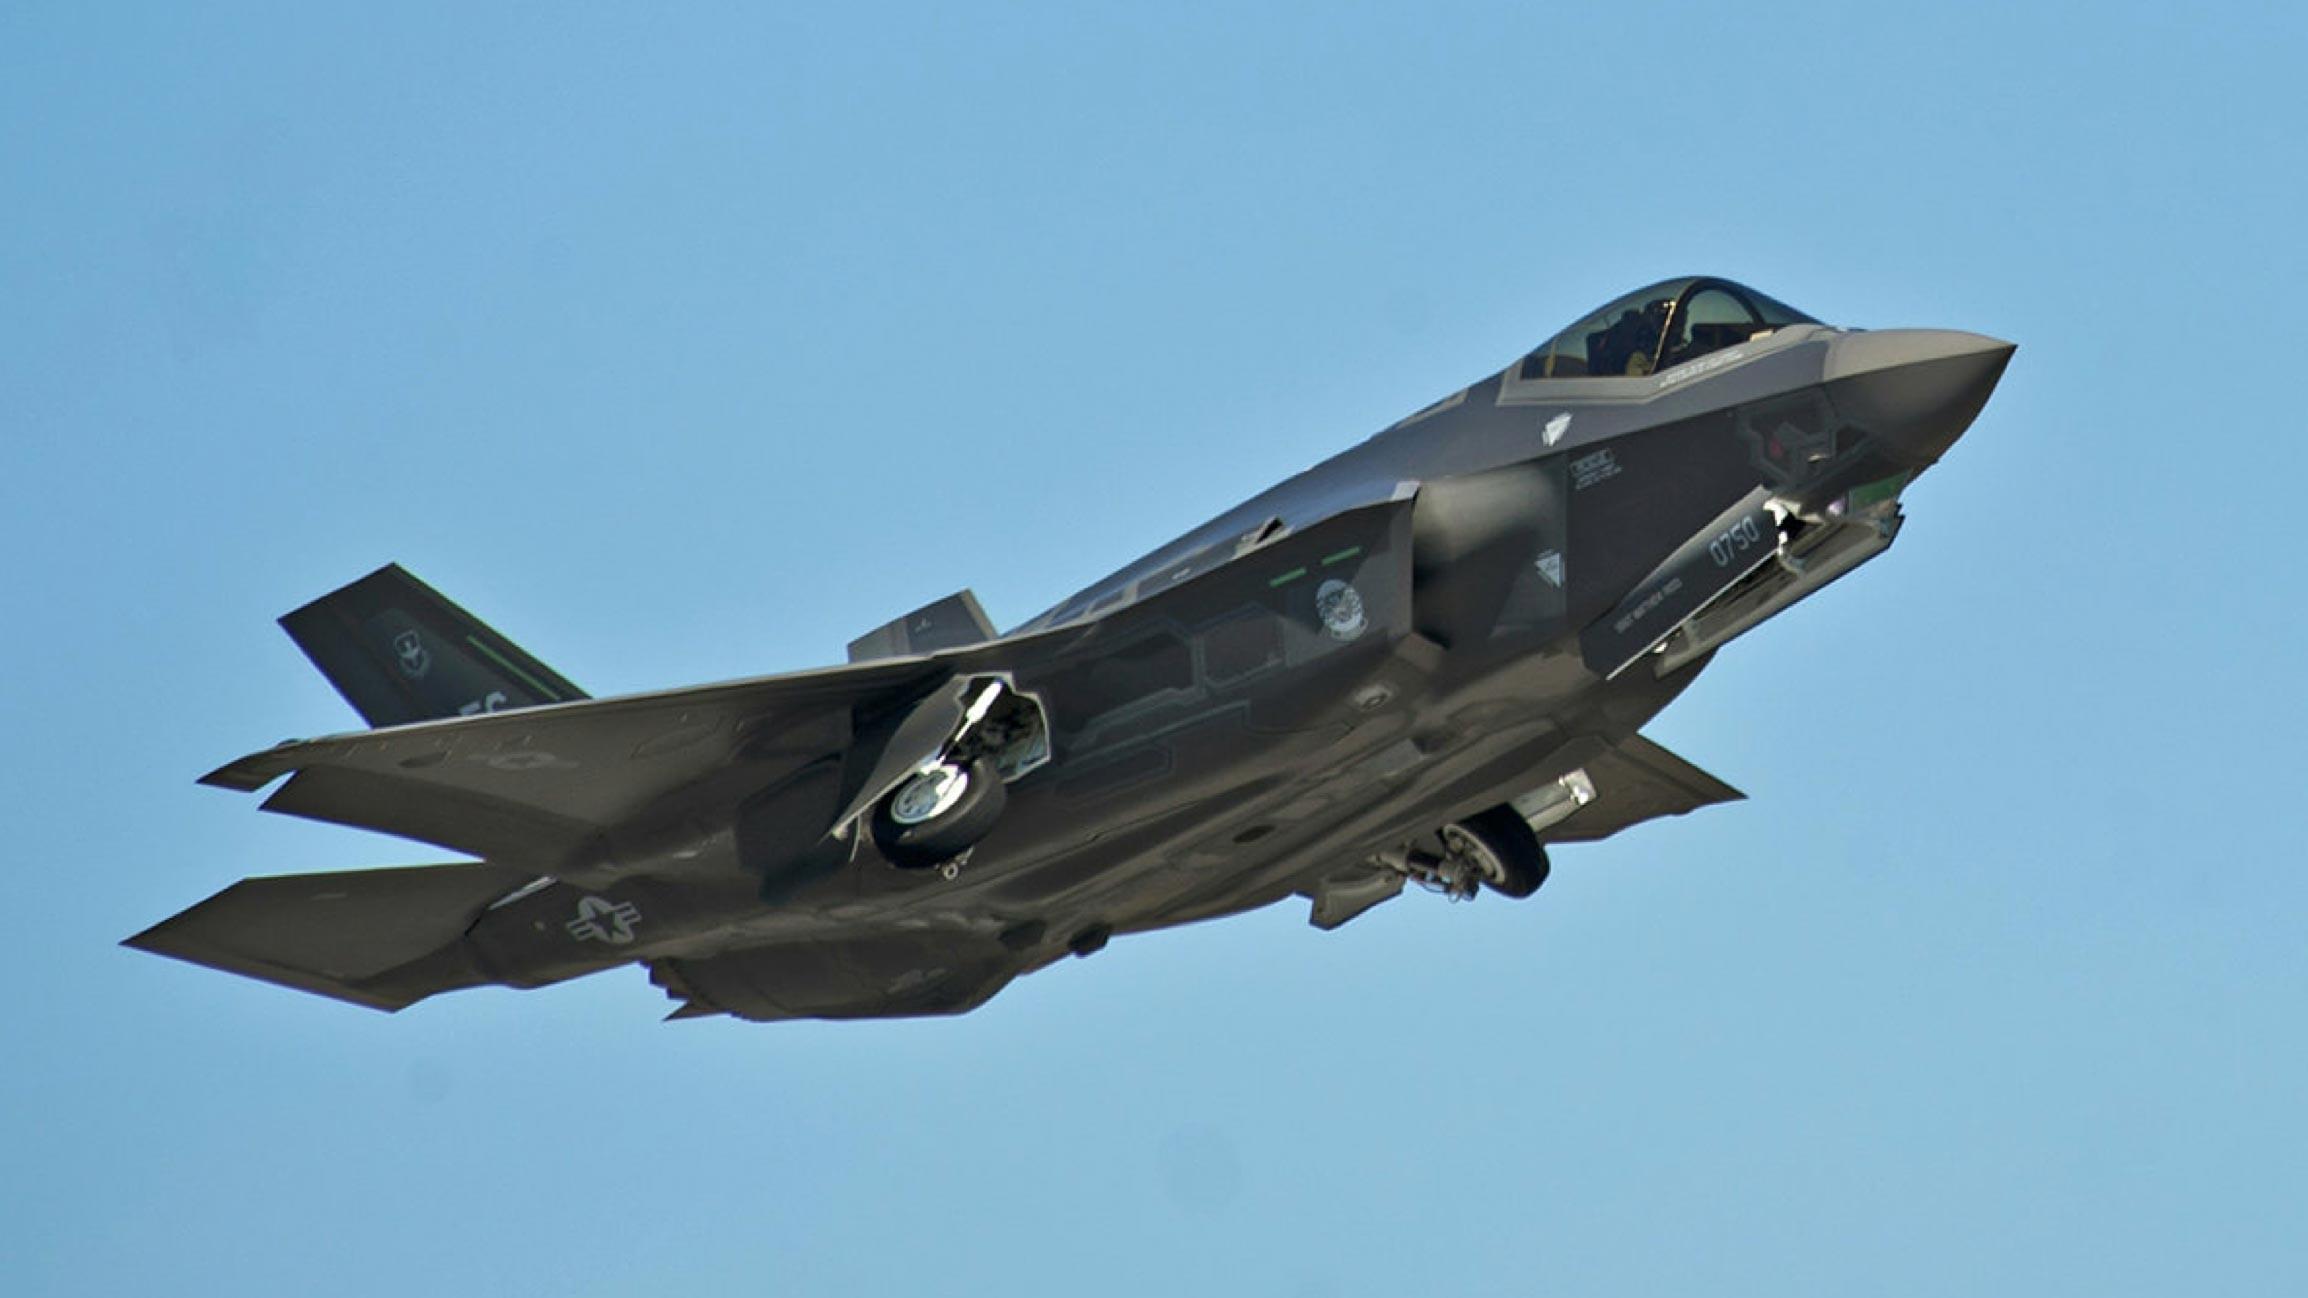 <p>Фото: &copy;&nbsp;REUTERS/U.S. Air Force photo/Randy Gon/Handout</p>